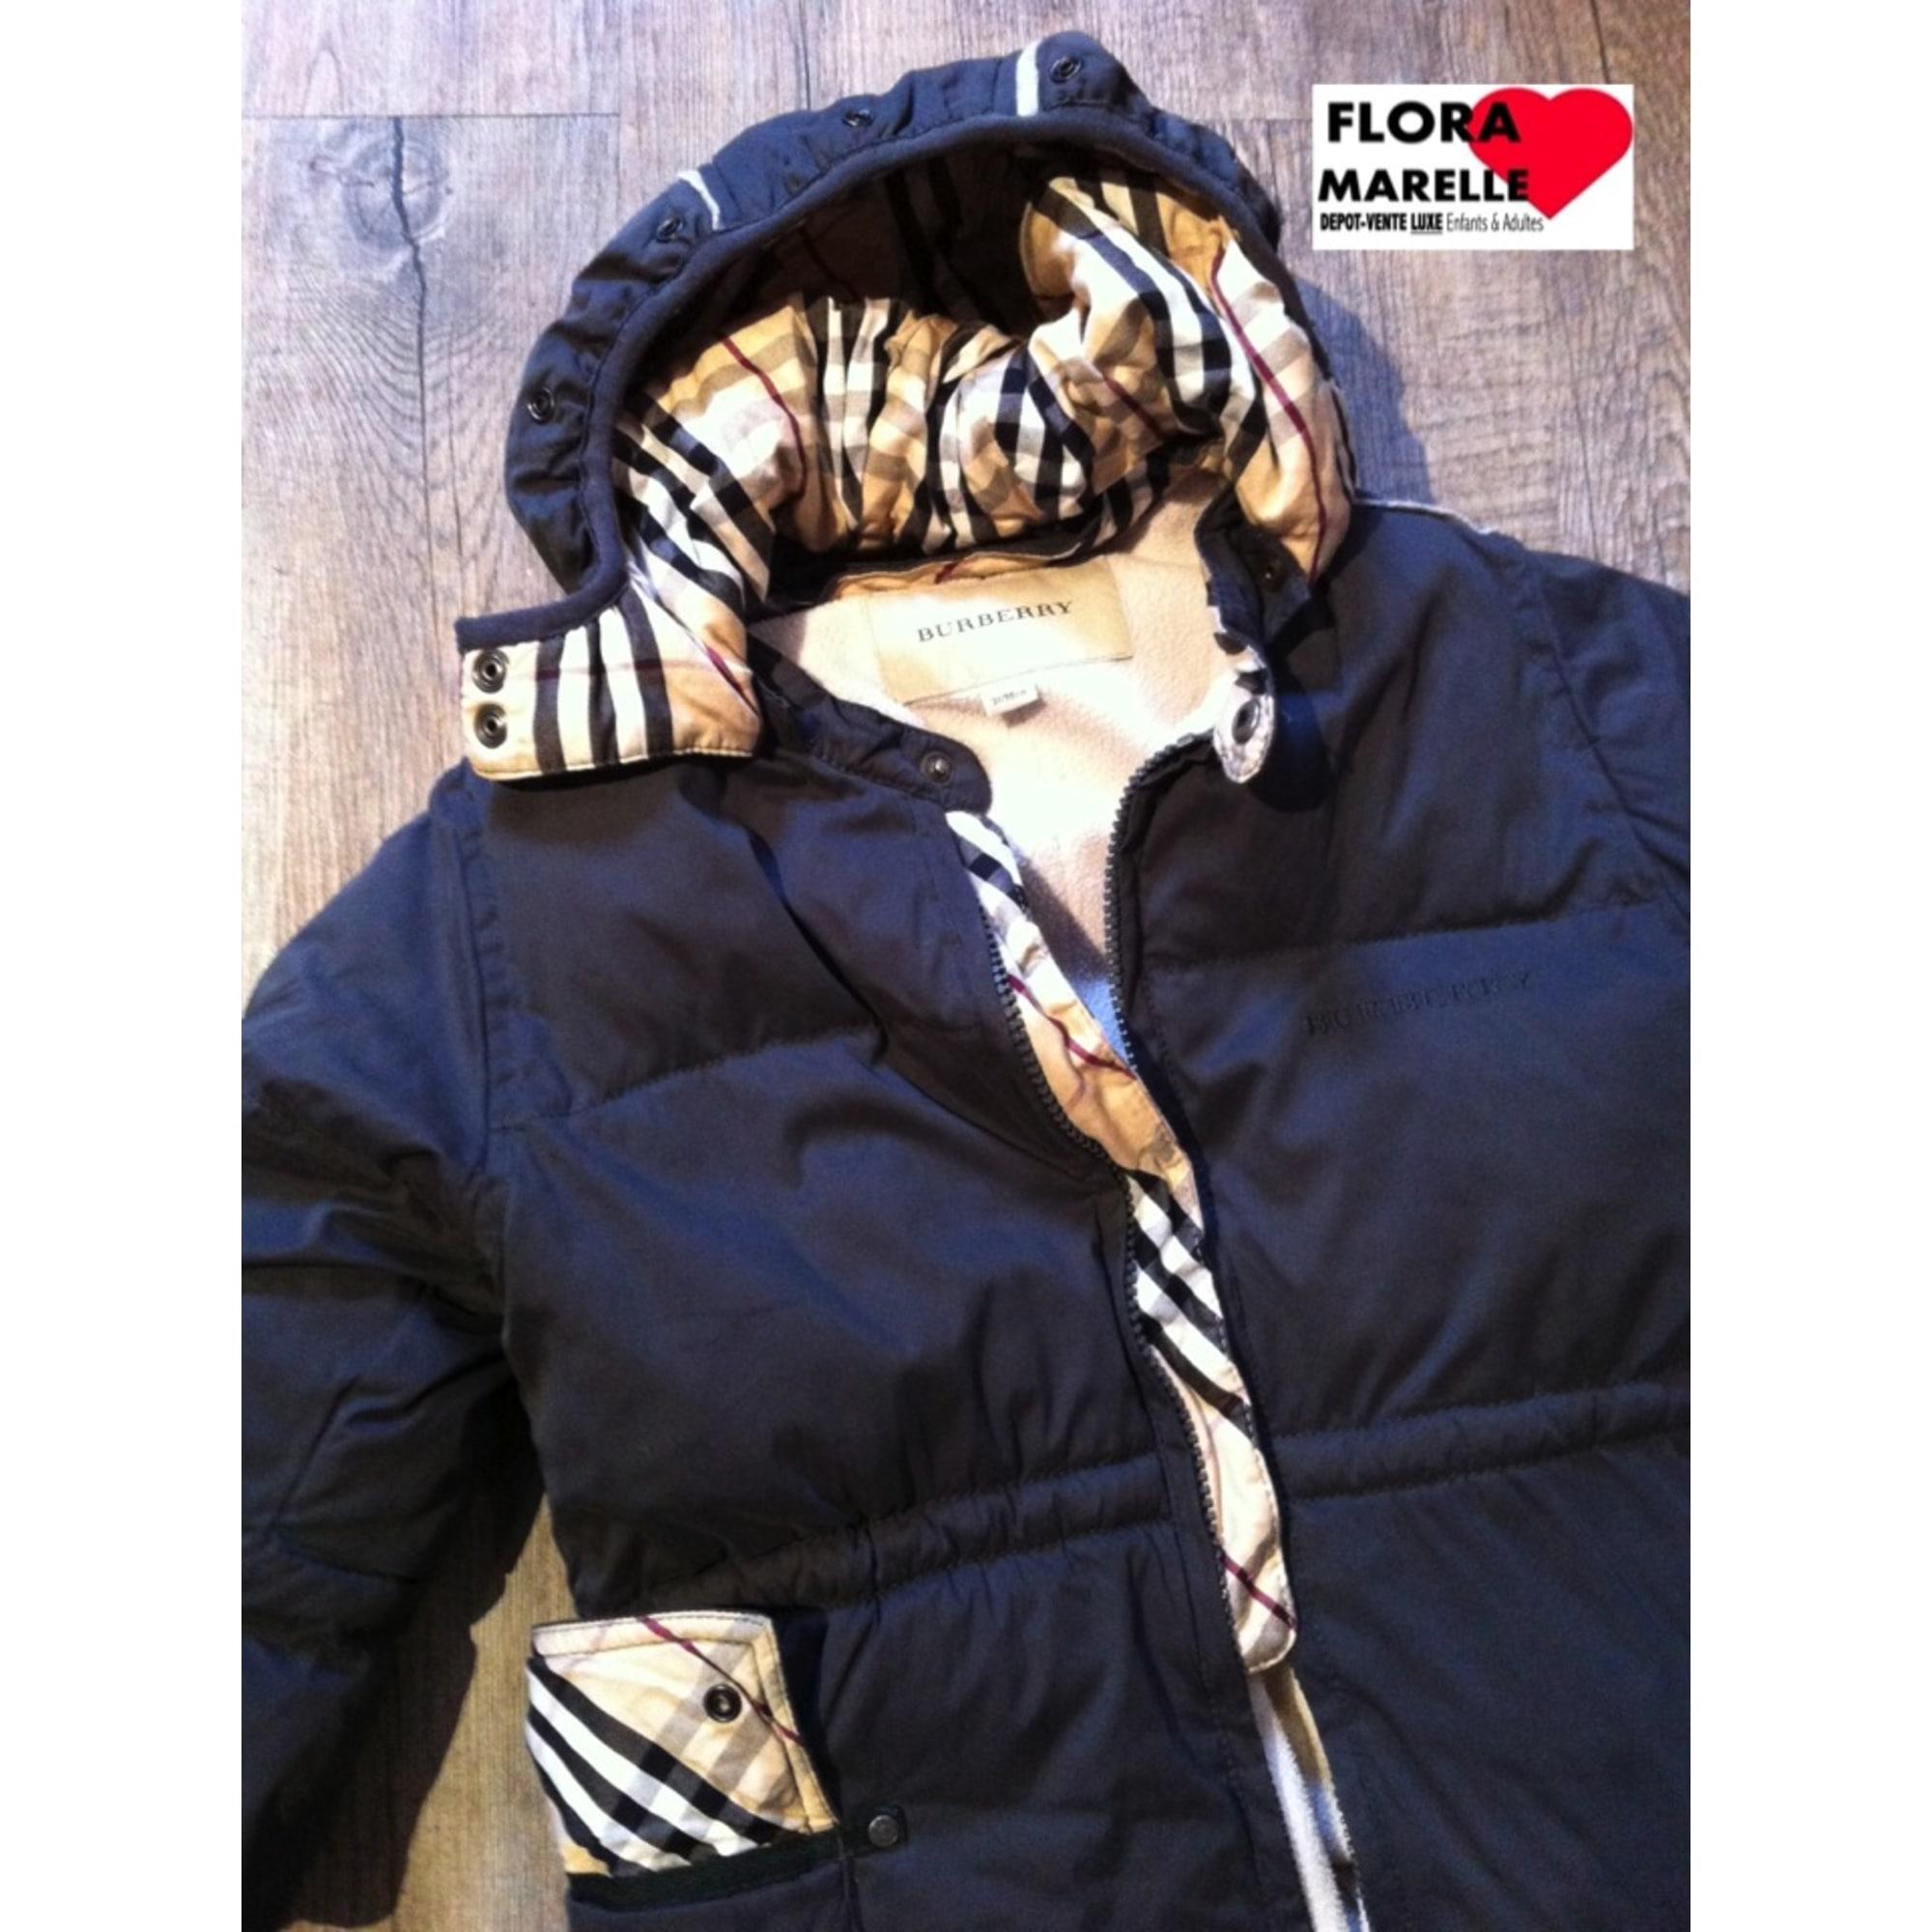 Combinaison de ski BURBERRY 3-4 ans bleu vendu par Flora marelle ... b3691cadddcb